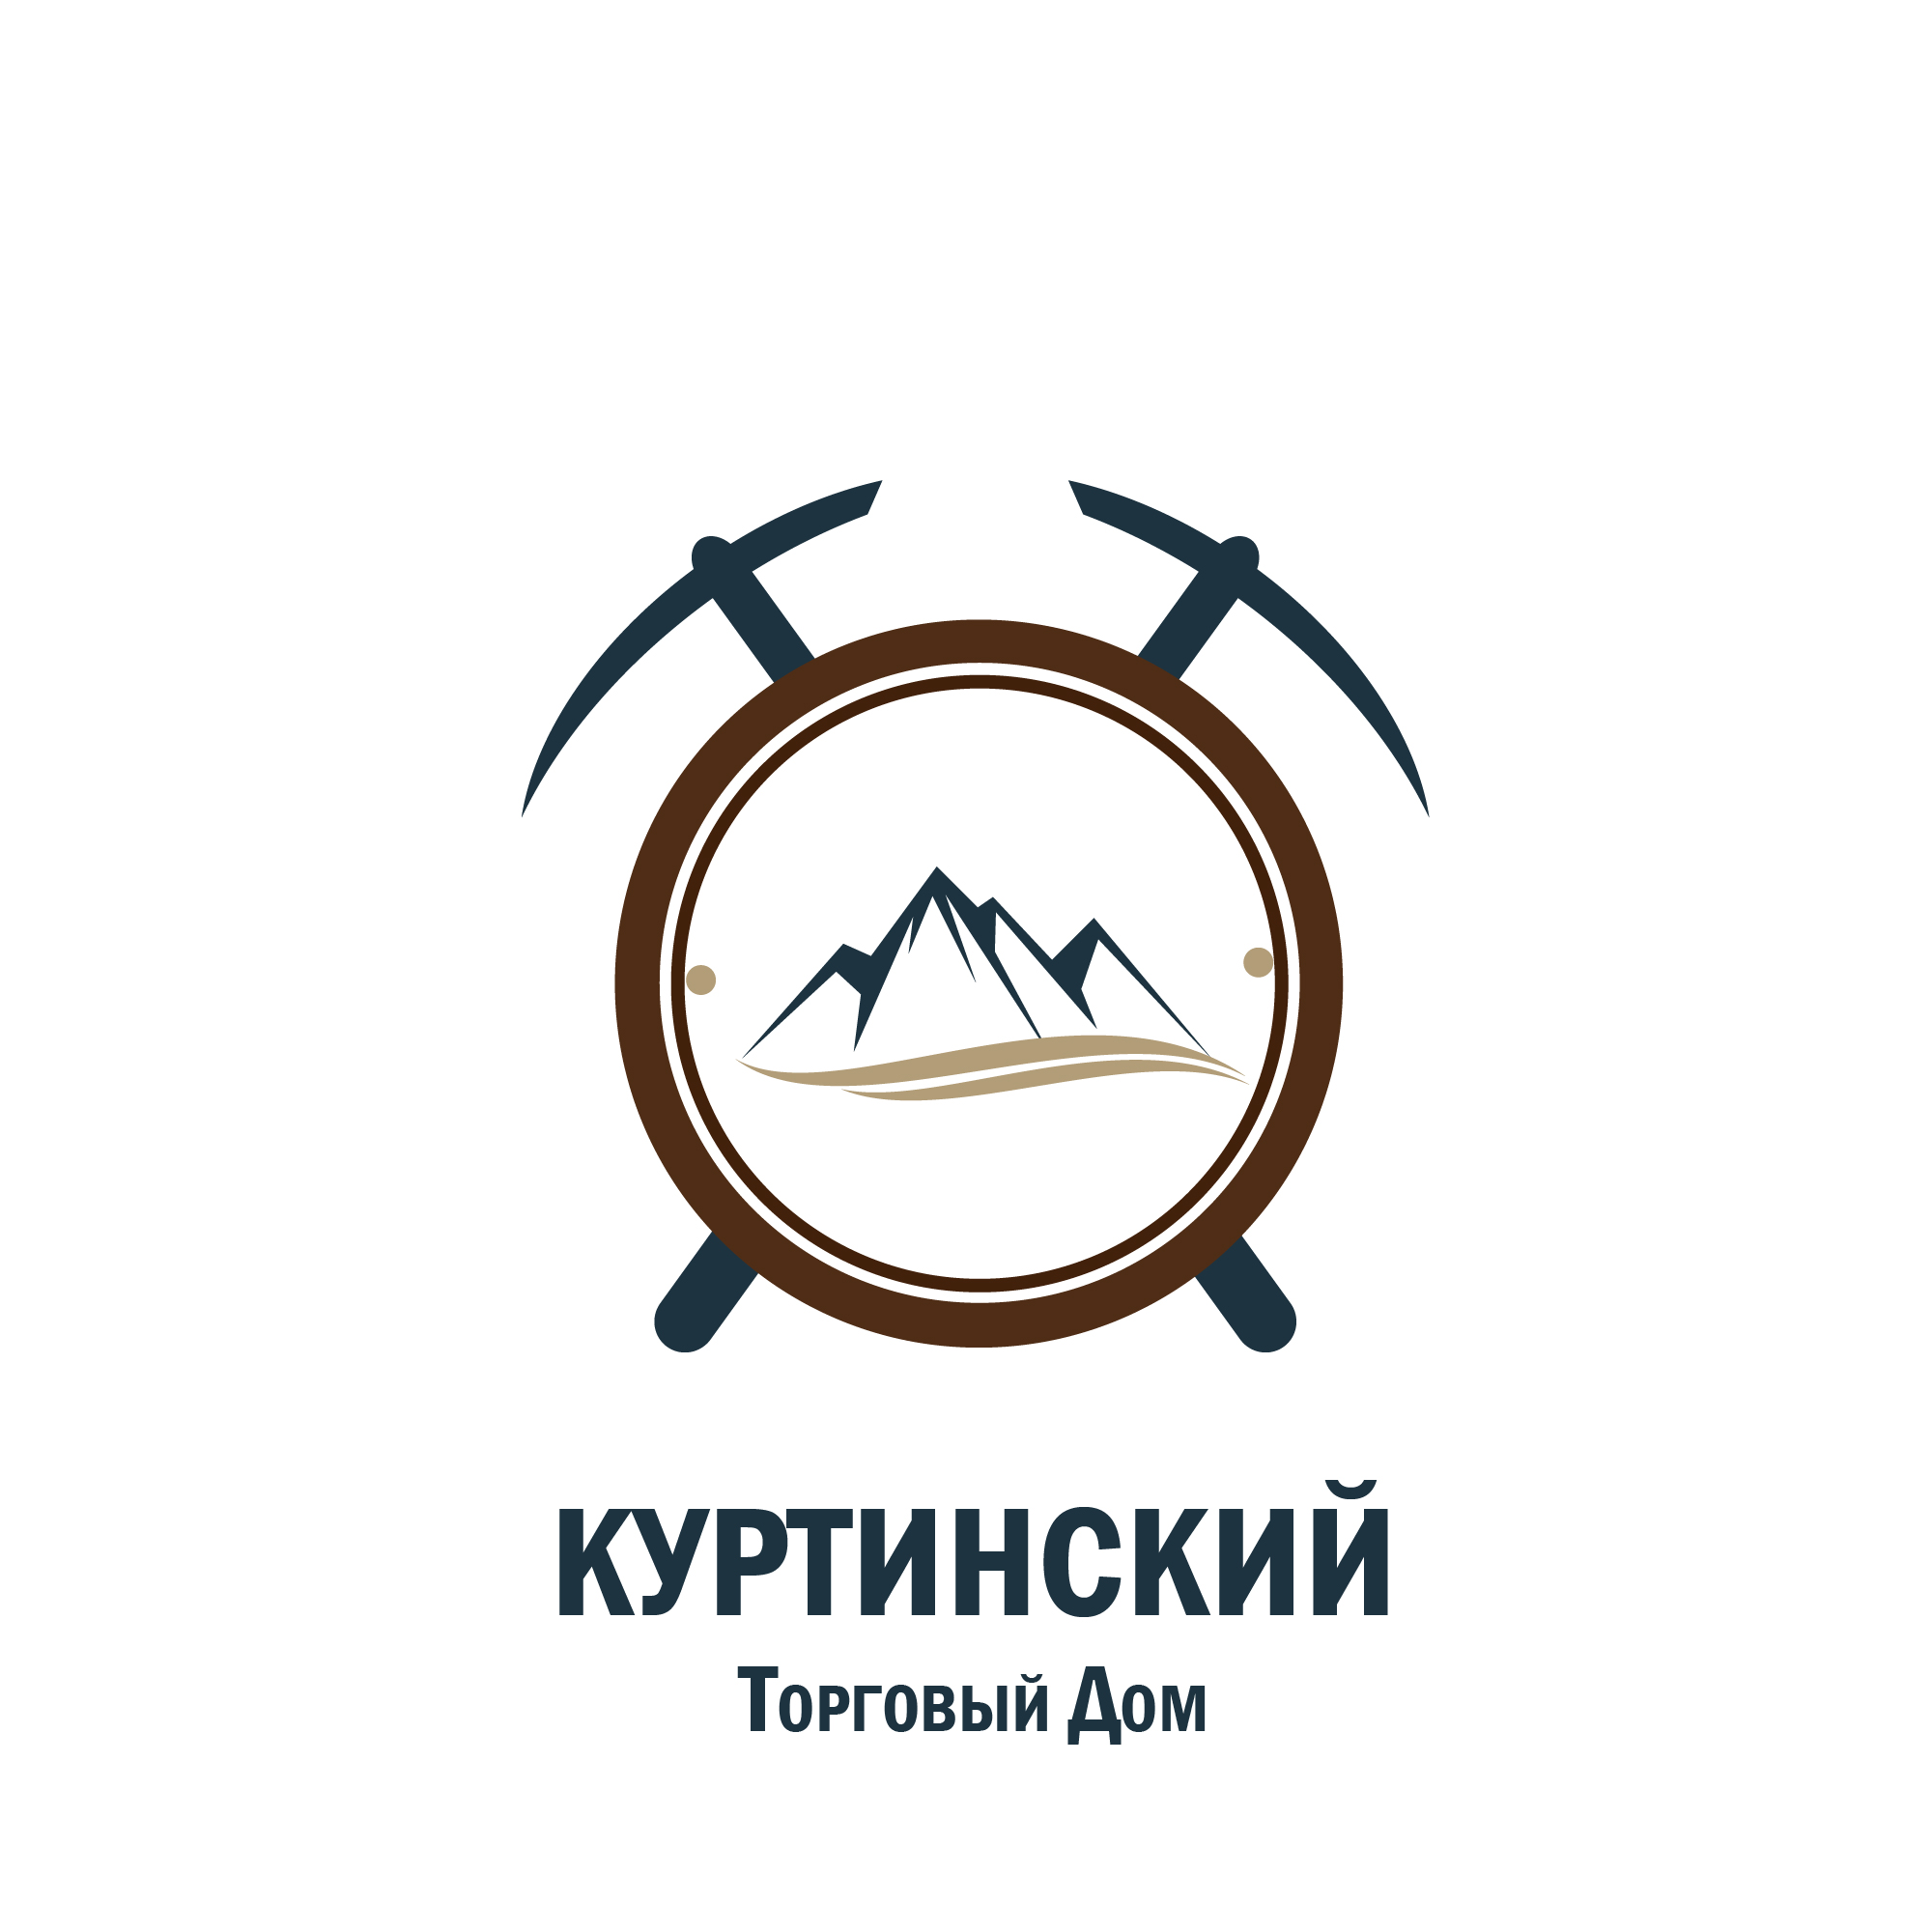 Логотип для камнедобывающей компании фото f_1895b9acd279f8eb.jpg